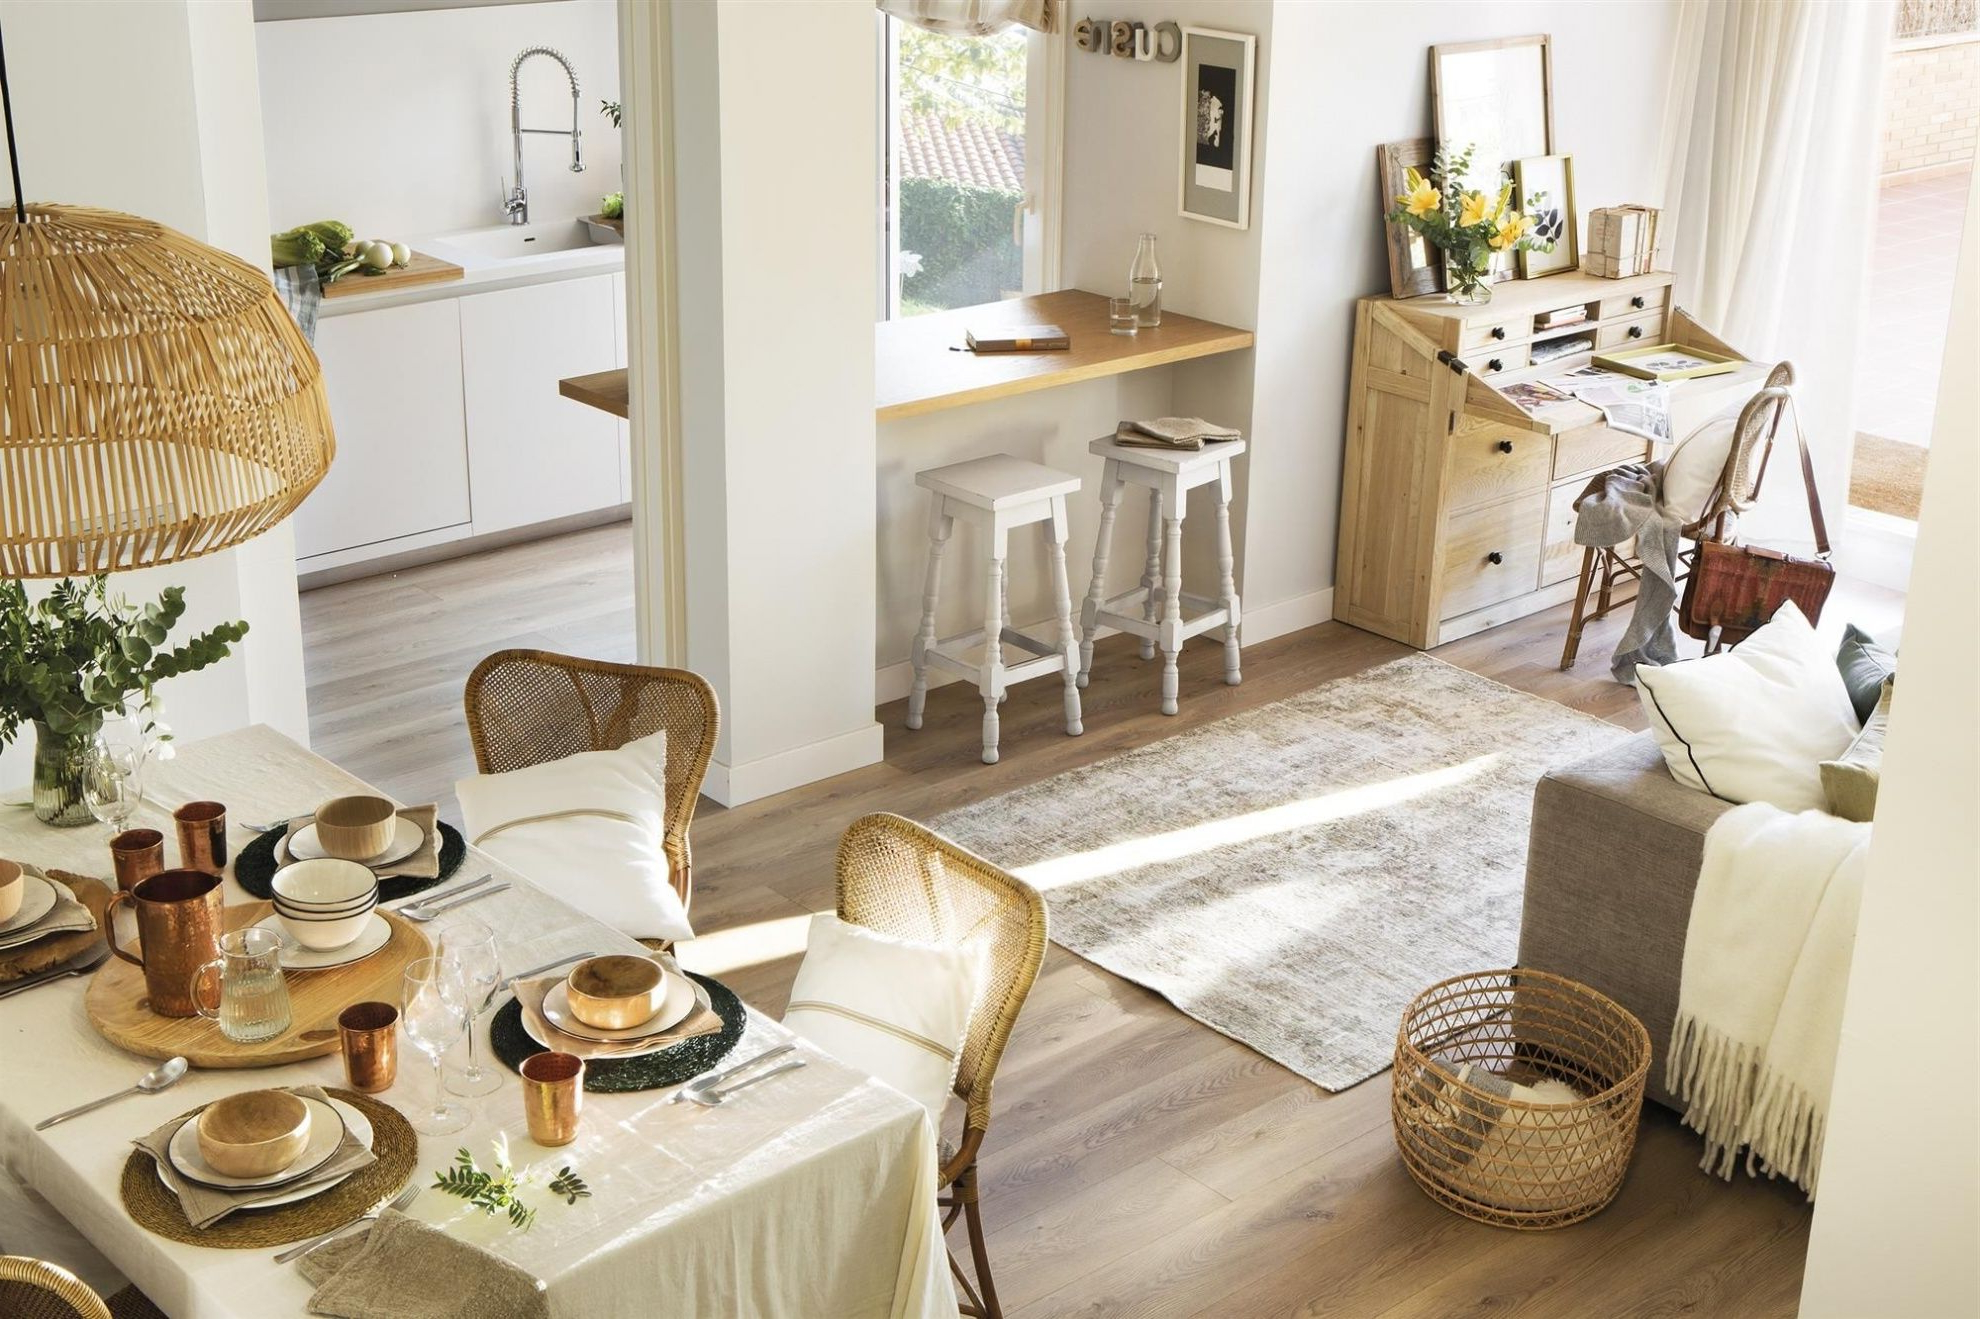 Muebles De Obra Para Salon H9d9 Muebles Salon Blanco Y Madera Lujo Imagenes Inicio Muebles De Obra